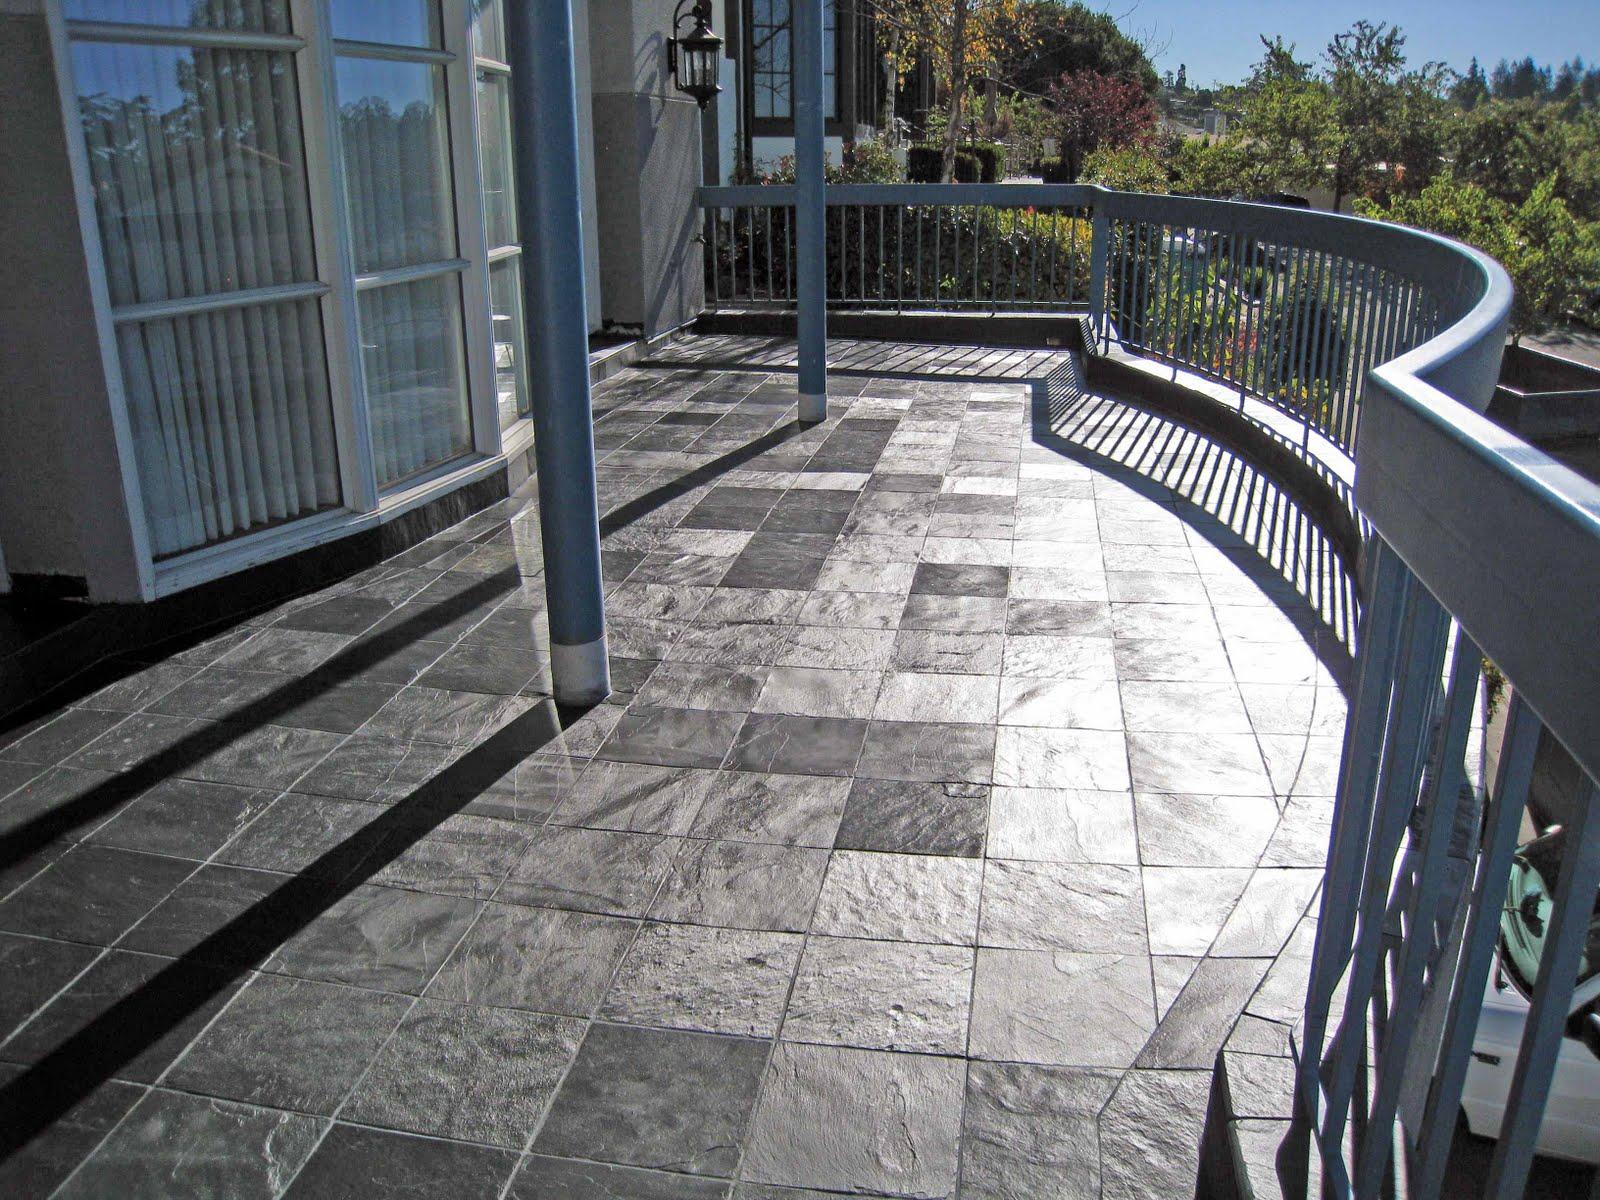 Porcelain Stone Tile On Outdoor Decks Over Living E White Paper